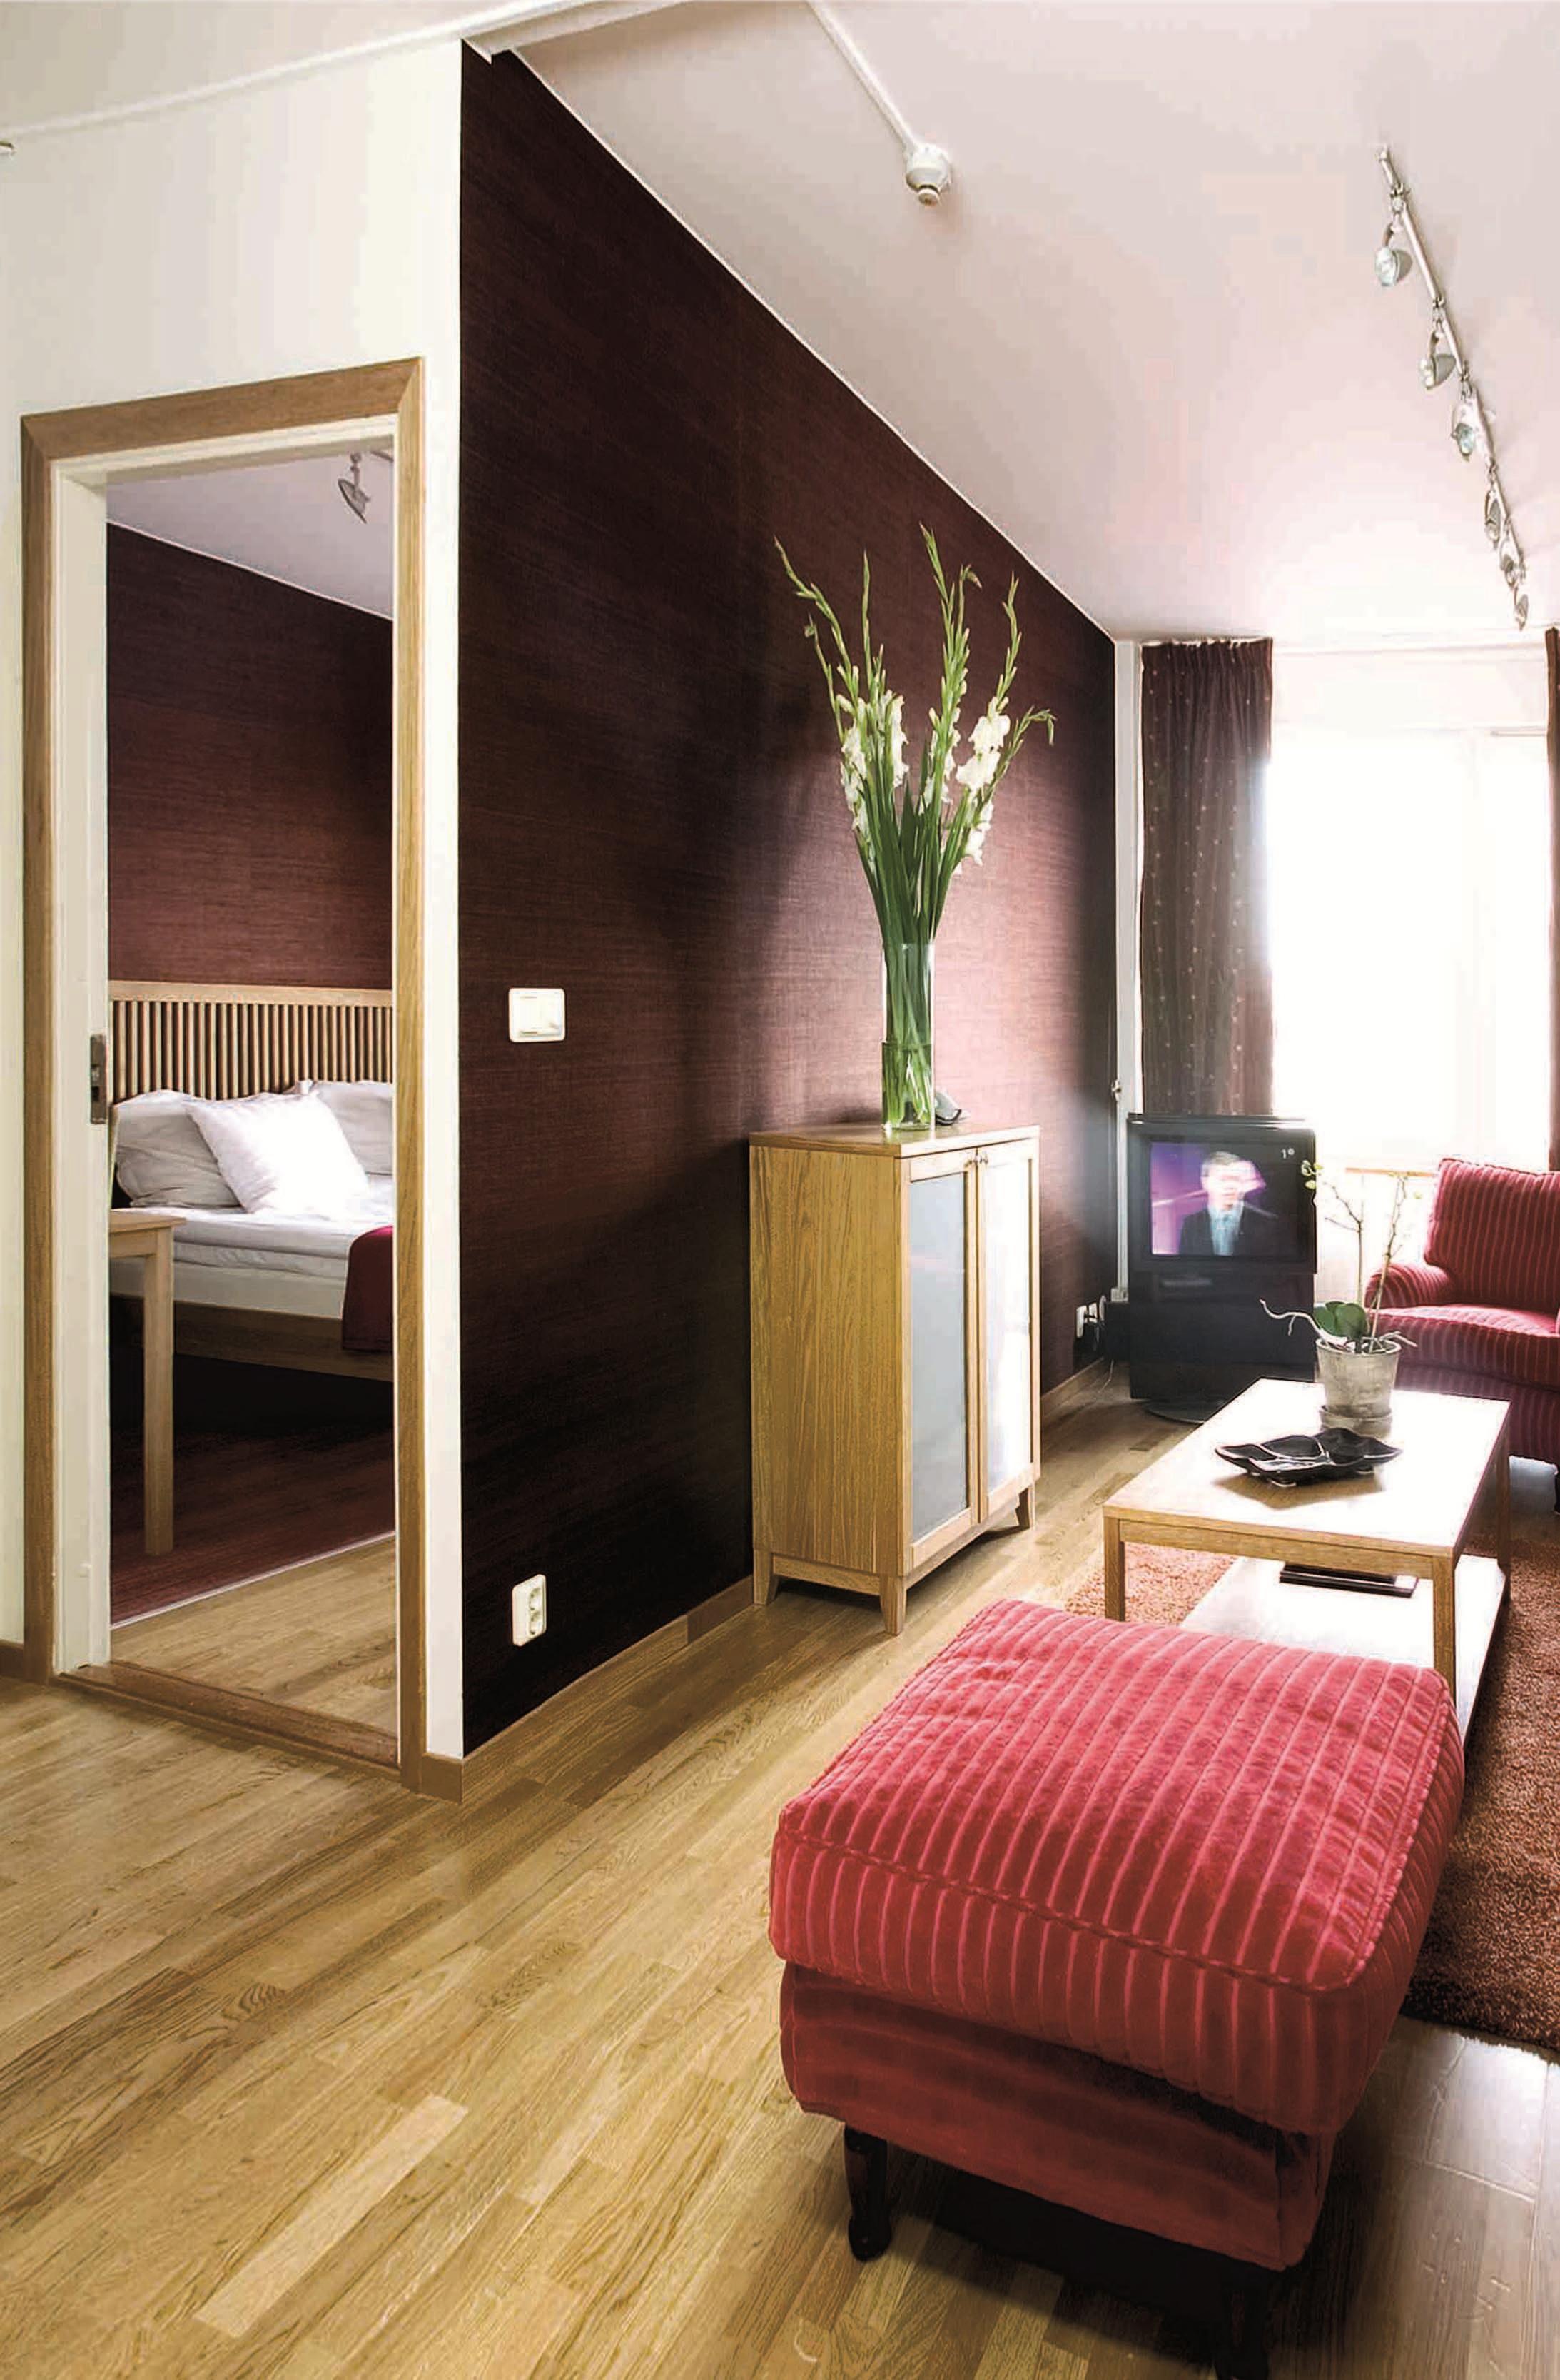 从瑞典v风格风格看北欧背景旅店微信动态墙可以换空间的吗图片